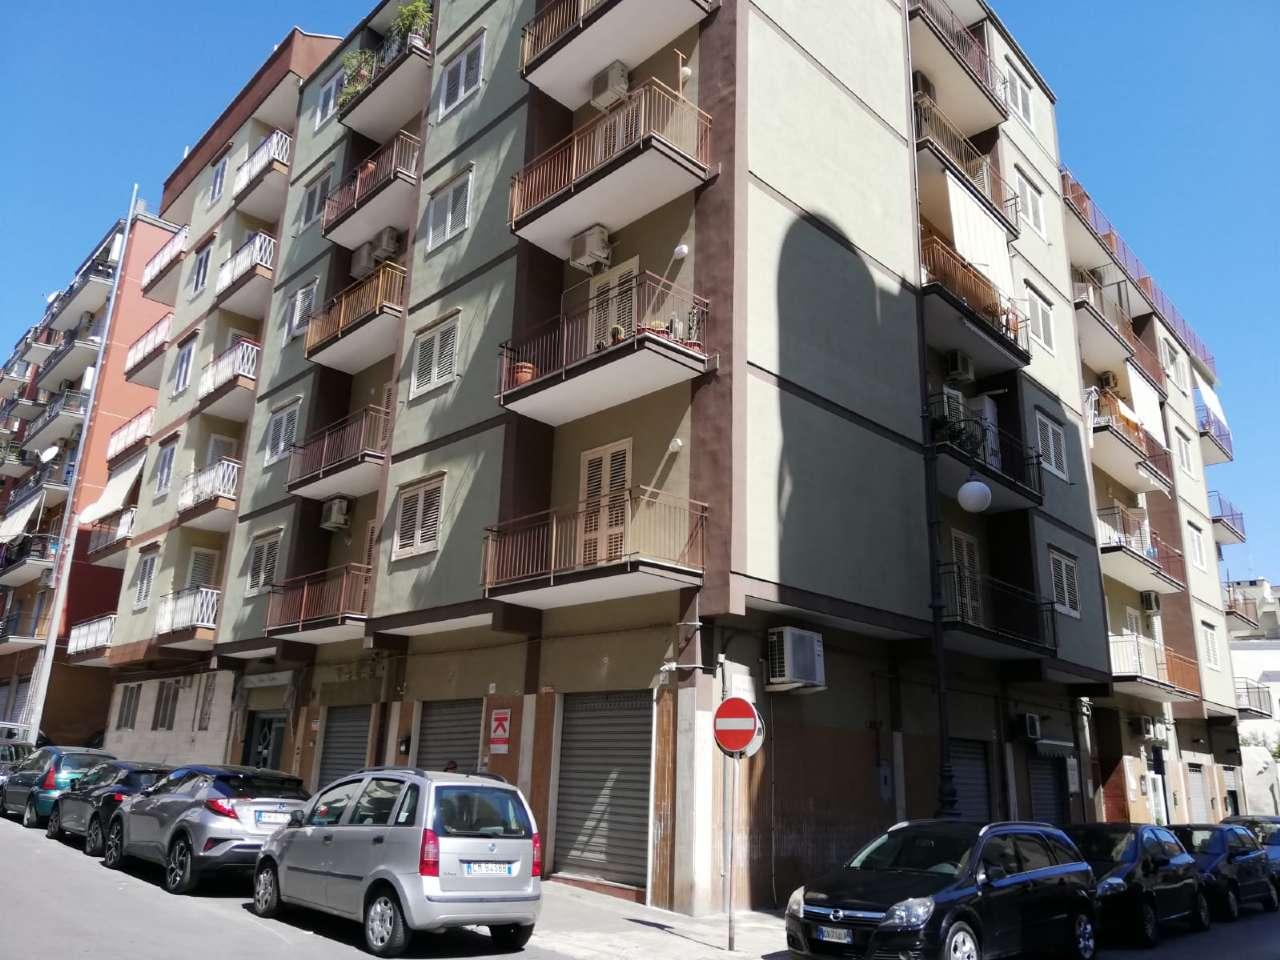 Appartamento in vendita a Bisceglie, 4 locali, prezzo € 180.000 | PortaleAgenzieImmobiliari.it